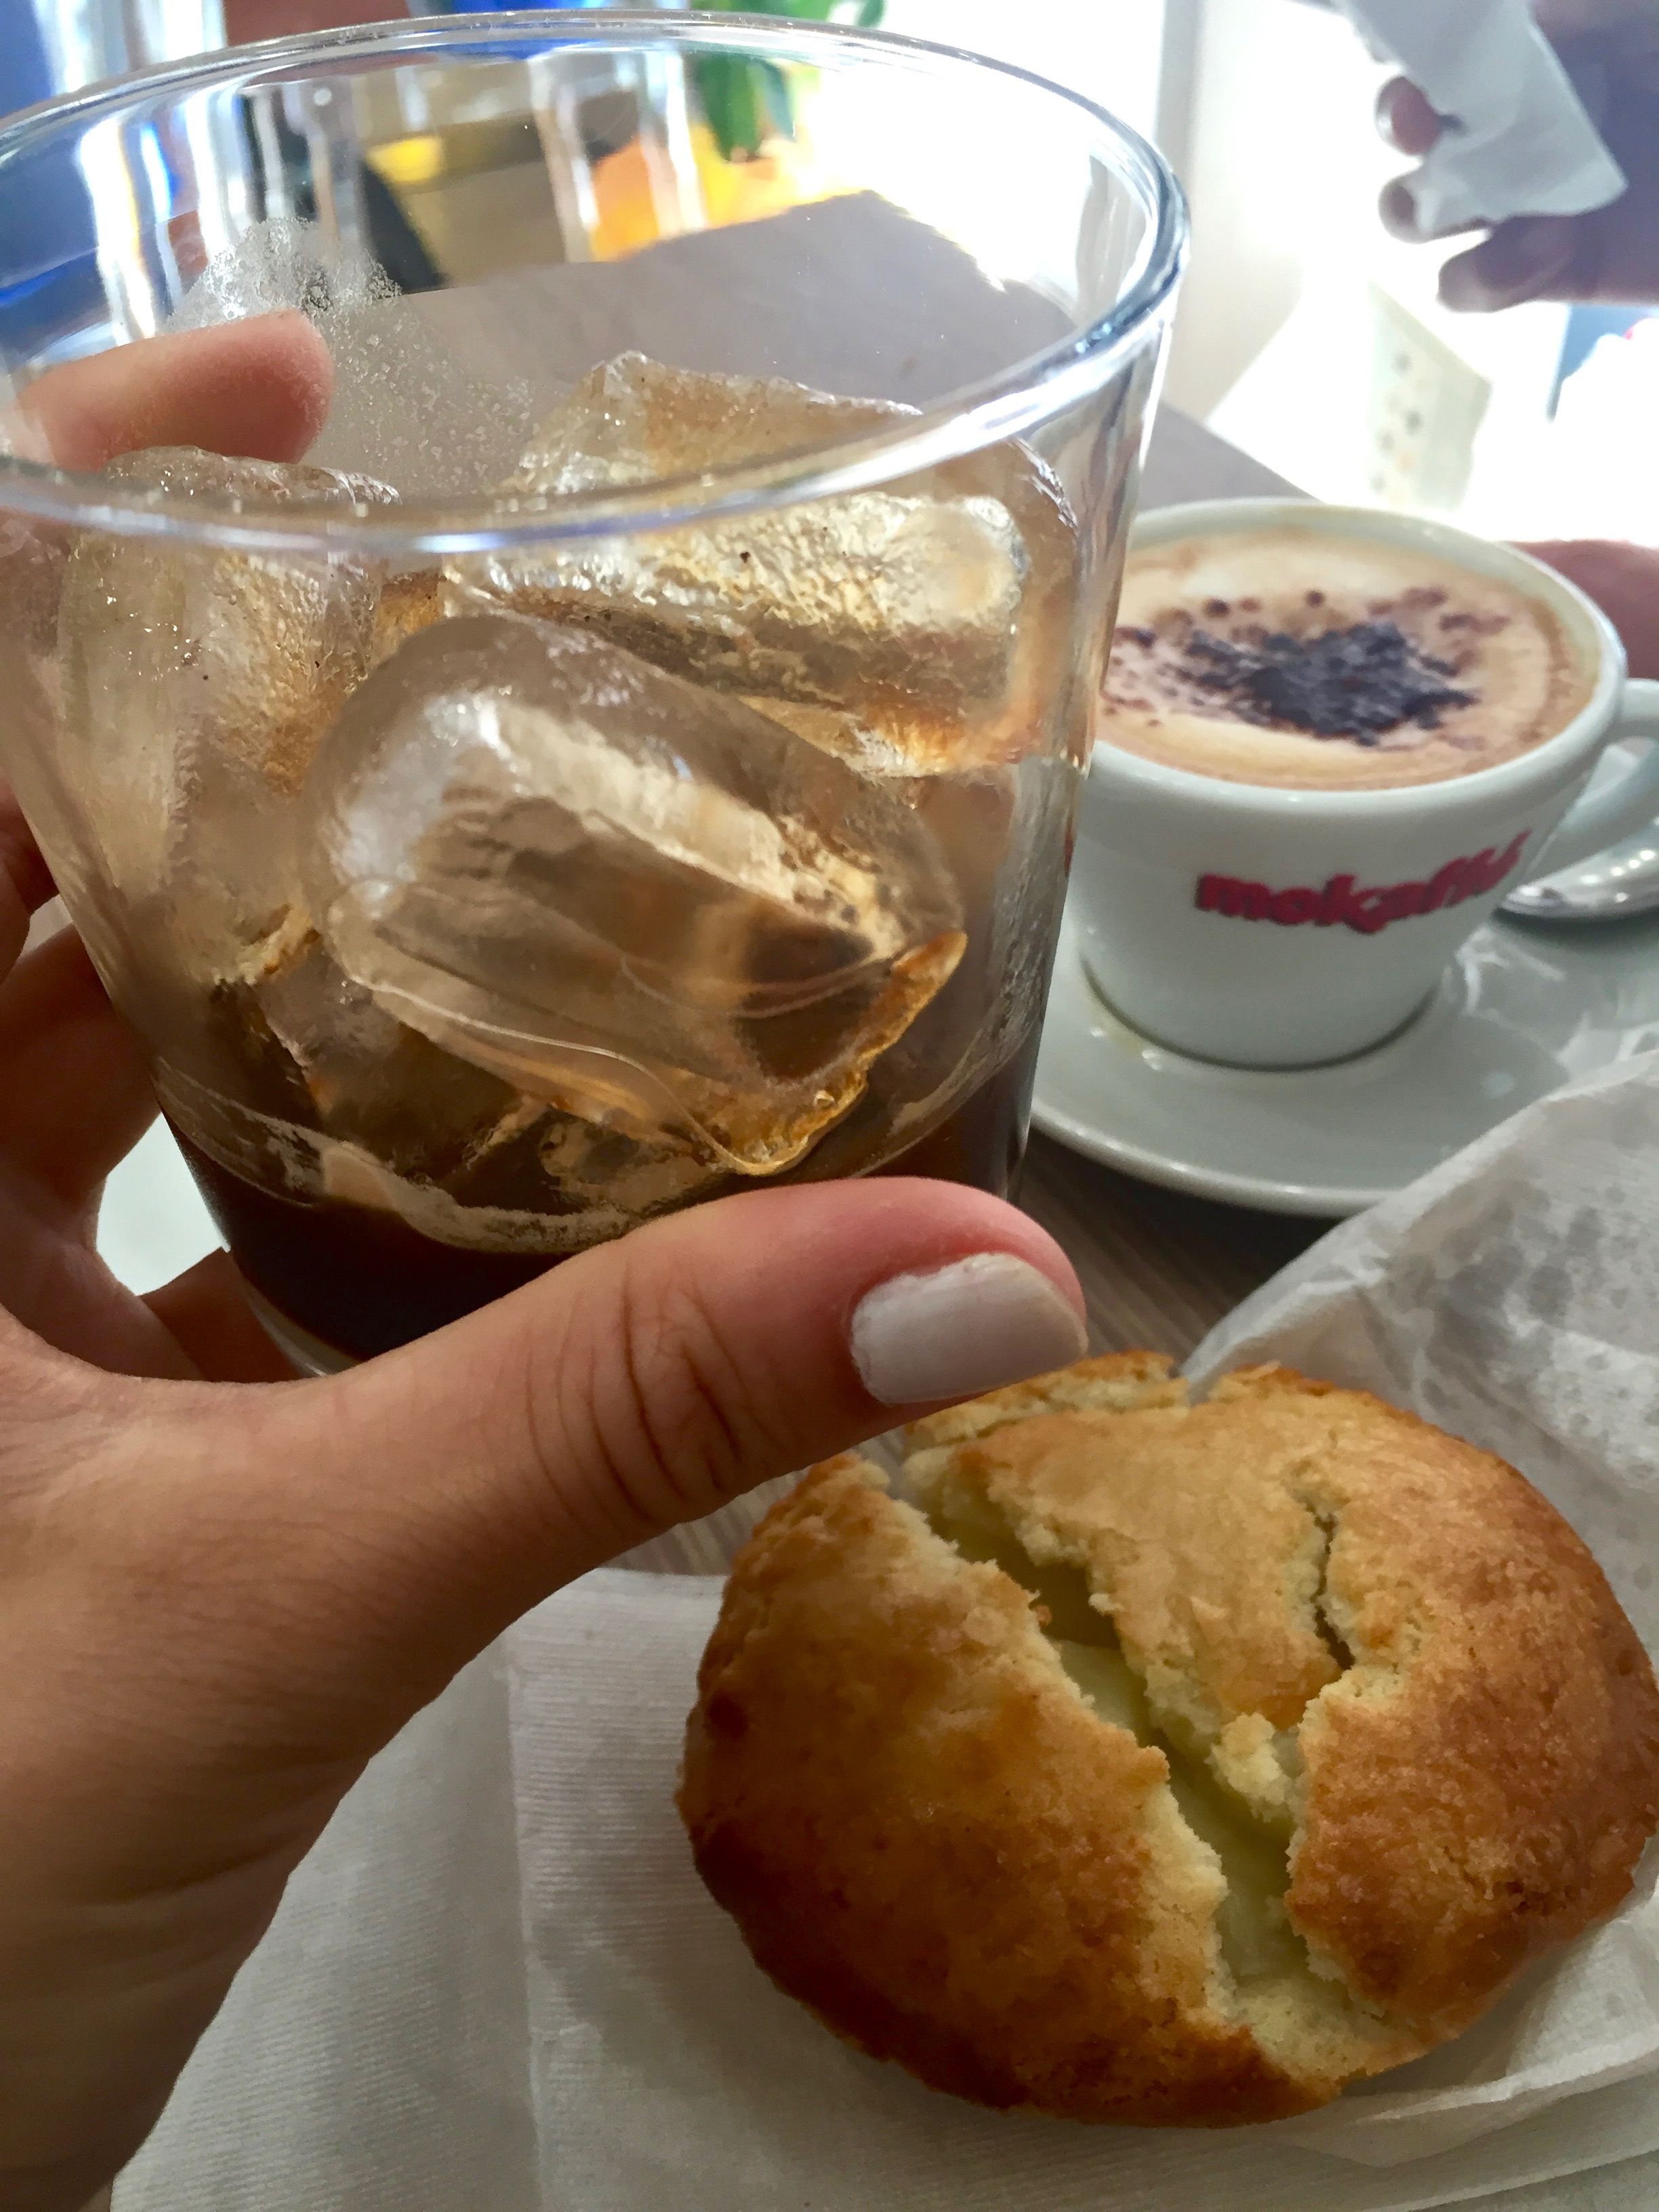 caffe in ghiaccio; pasticciotto